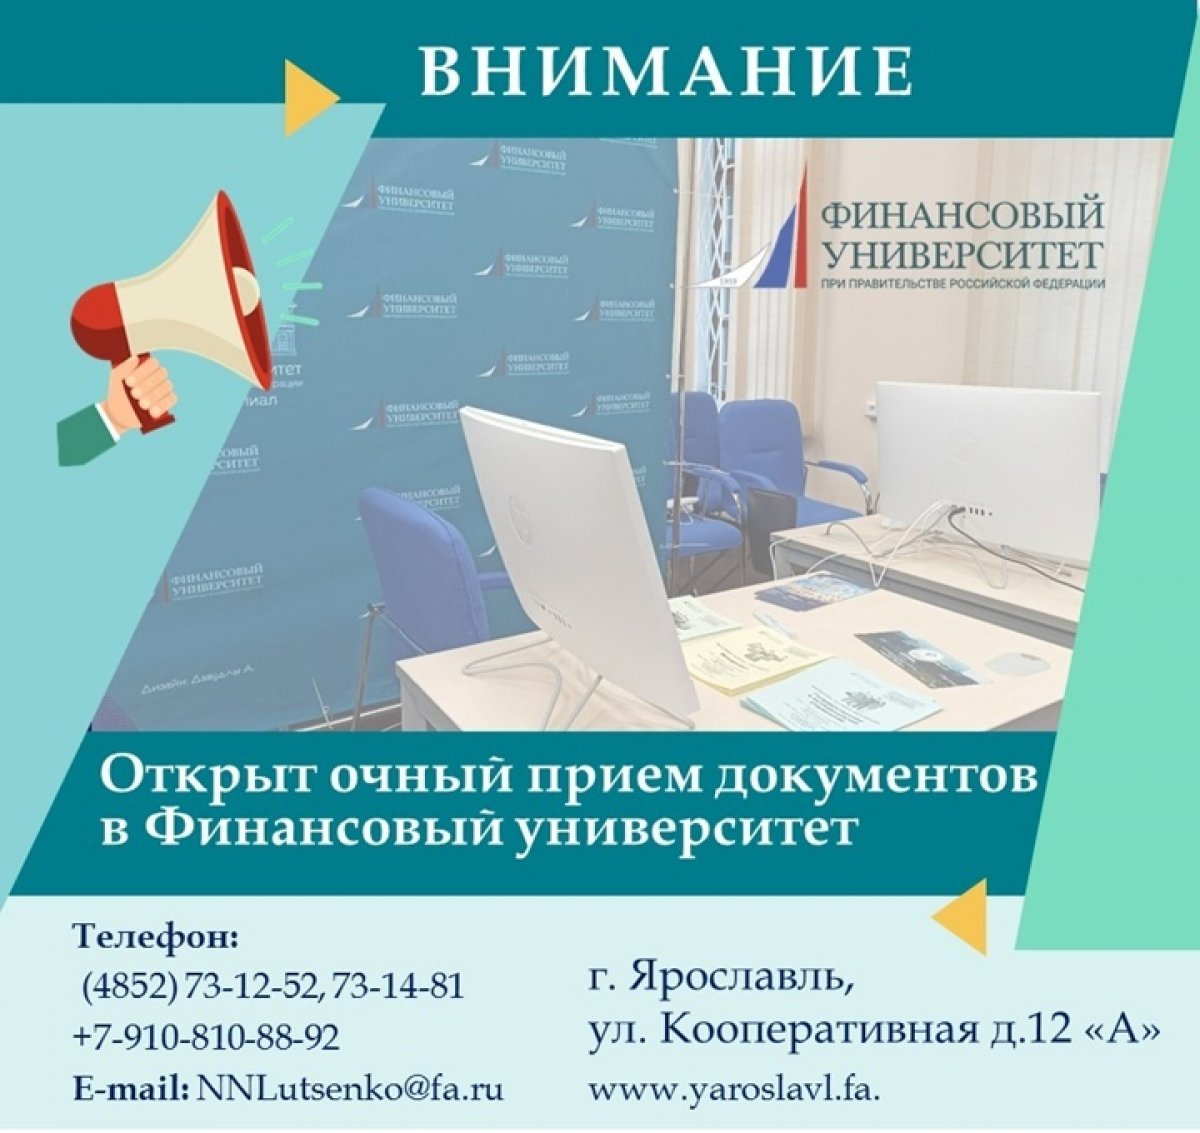 Финансовый университет открыл свои двери и ждет тебя в гости! 🔥